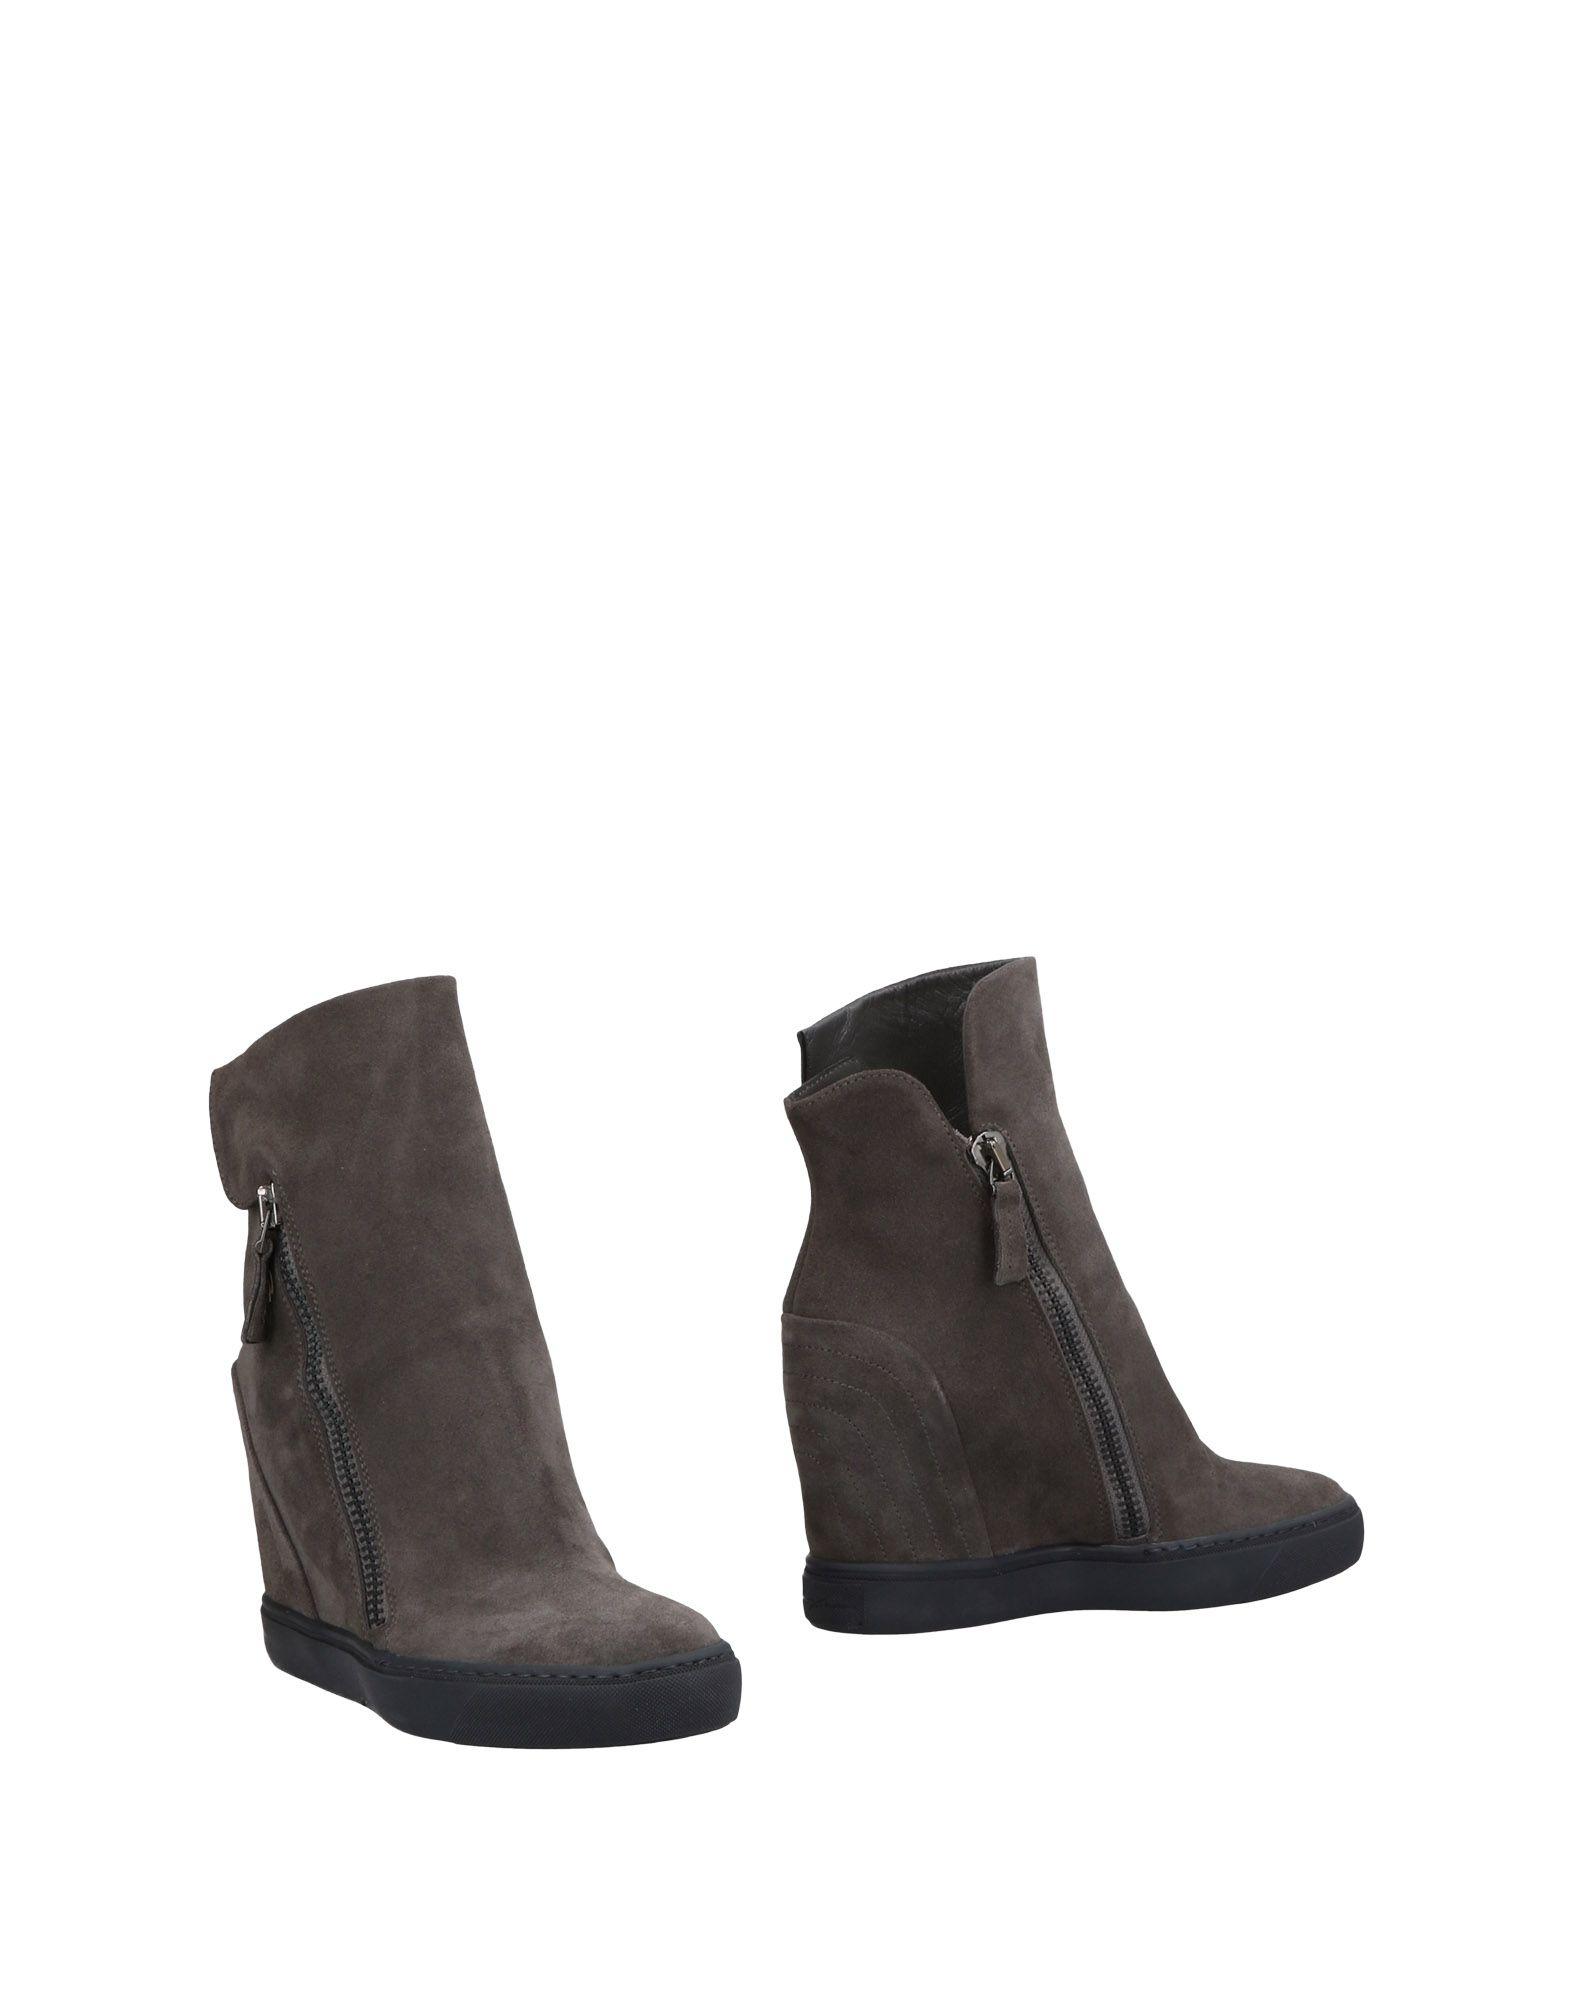 Stilvolle Stiefelette billige Schuhe Max Bianco Stiefelette Stilvolle Damen  11494075WI bf9616